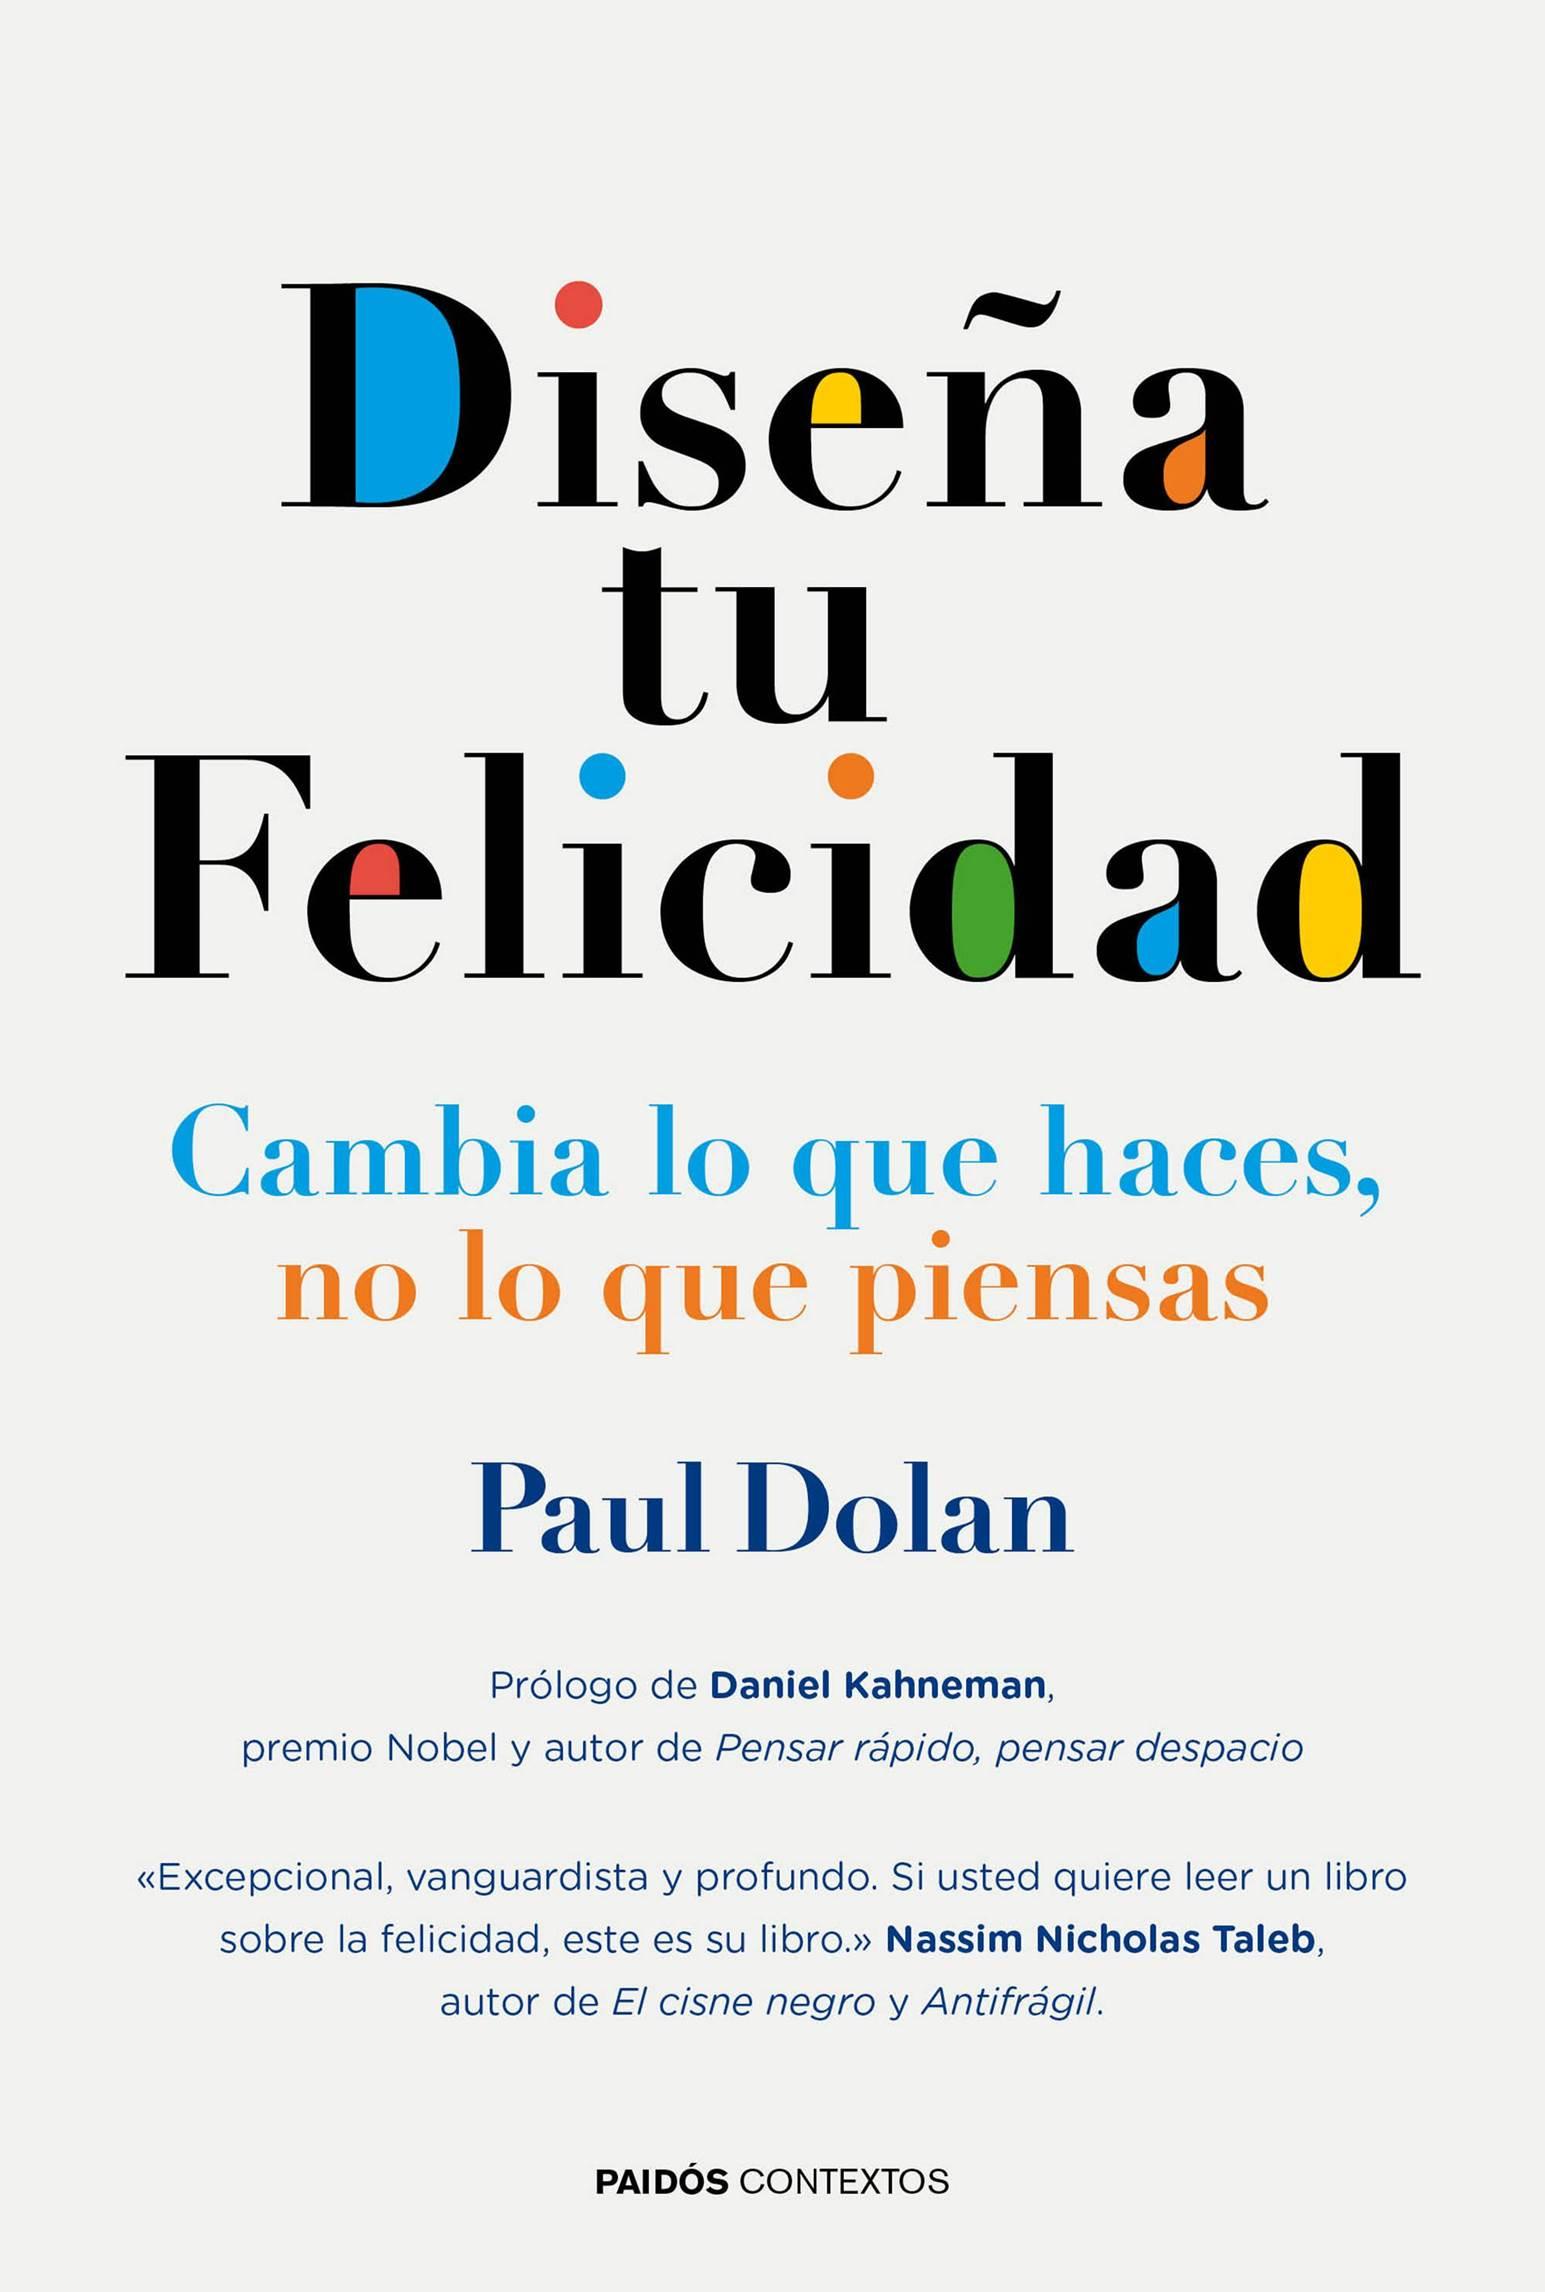 Diseña_tu_felicidad_Paul_Dolan_Paidos